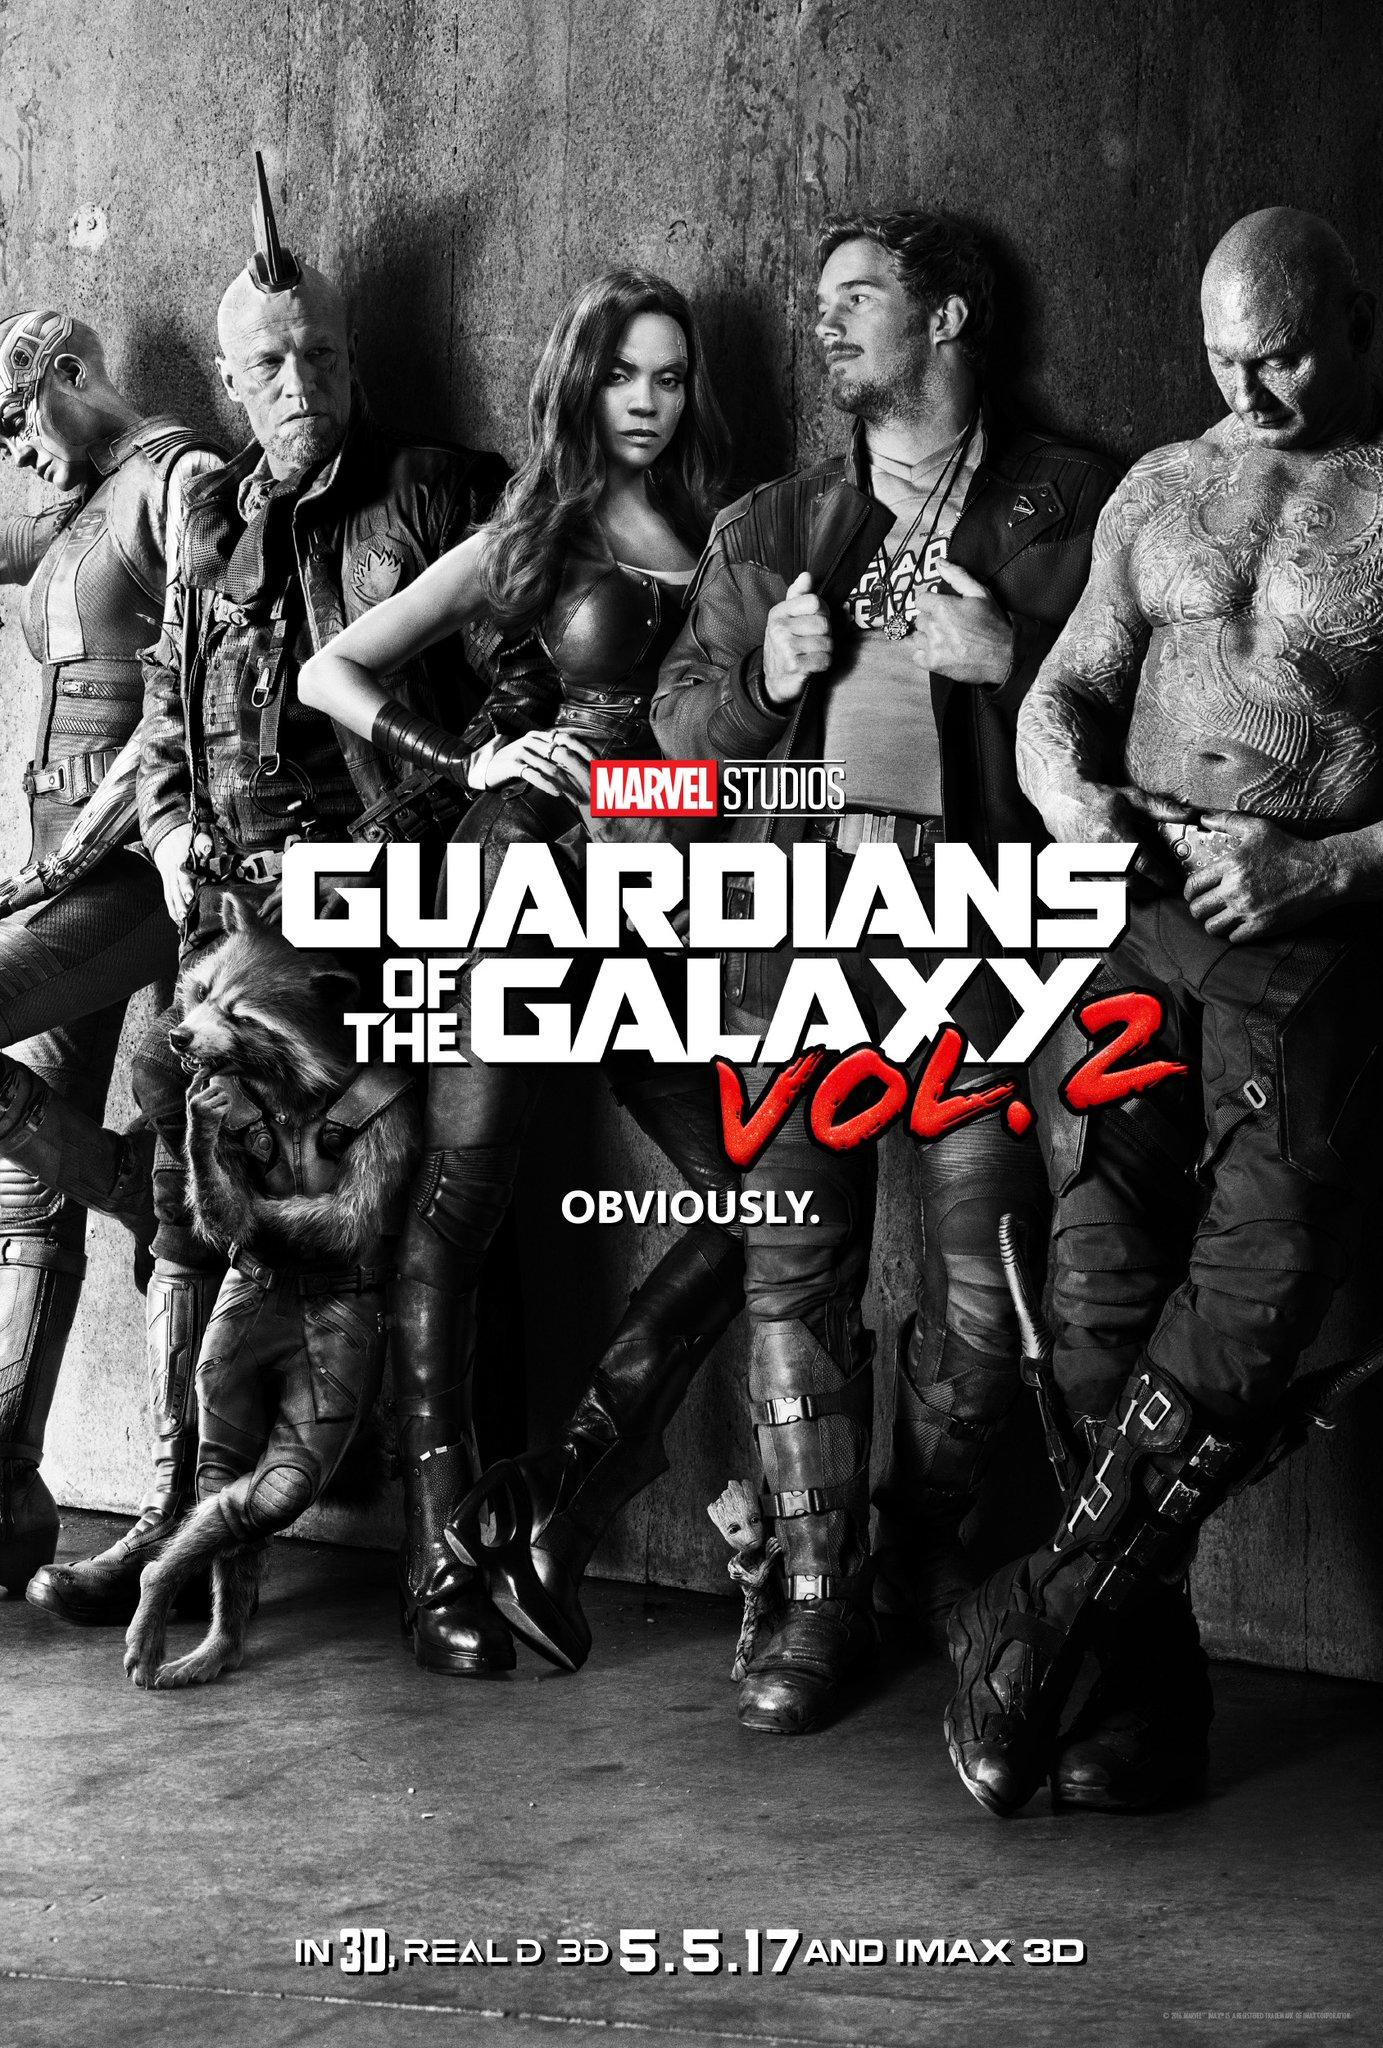 cvhotujvmaaelf1 James Gunn reveals first poster for Guardians of the Galaxy Vol. 2